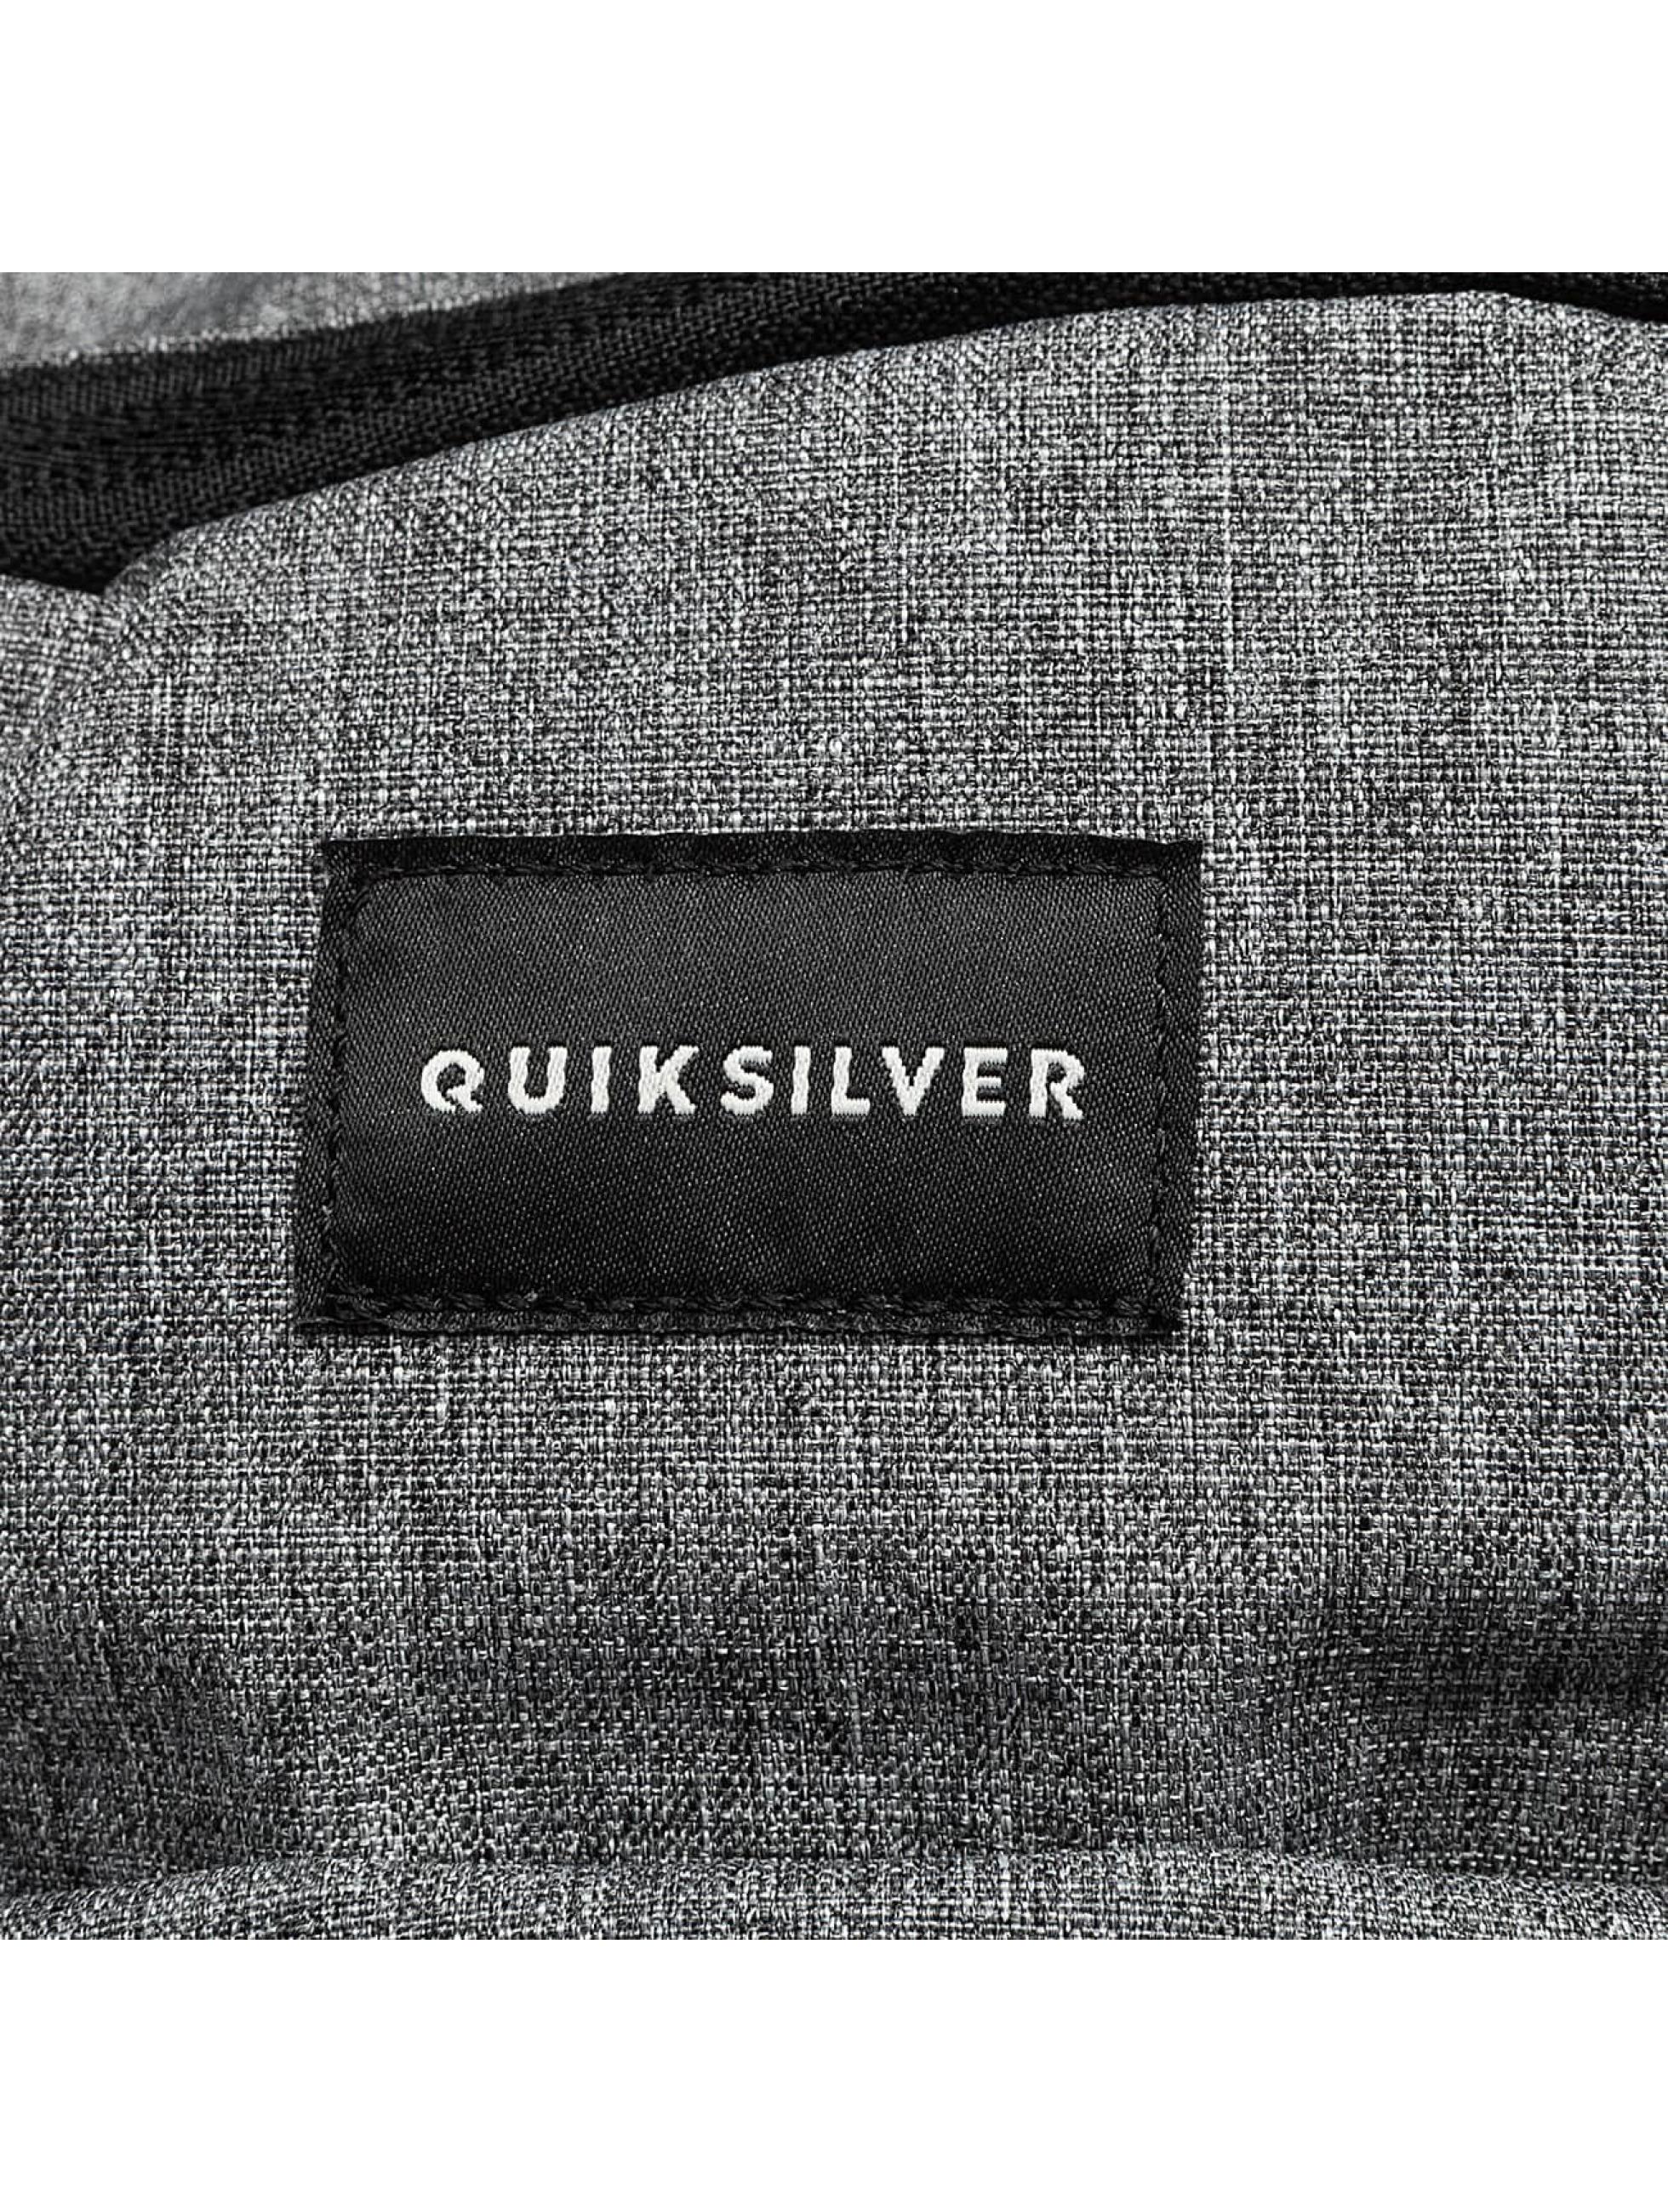 Quiksilver Mochila Burst gris